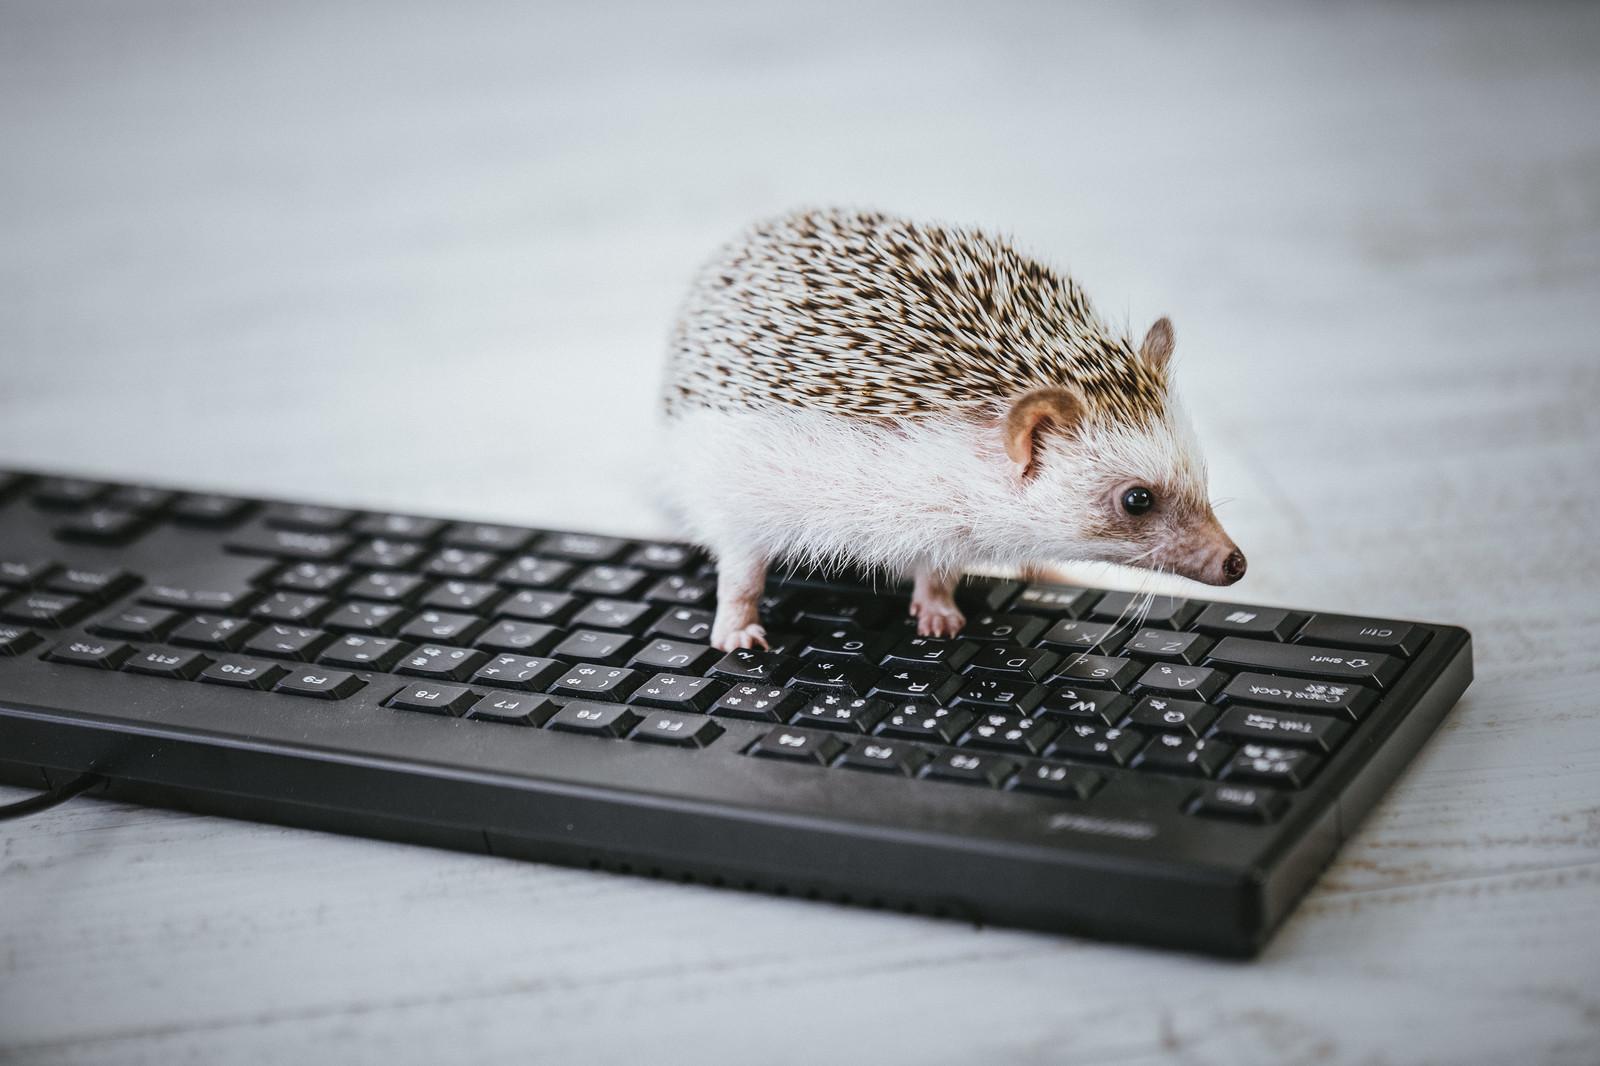 ブログ(WordPress)のアクセスを伸ばすために記事更新をインデックスしてもらう方法!